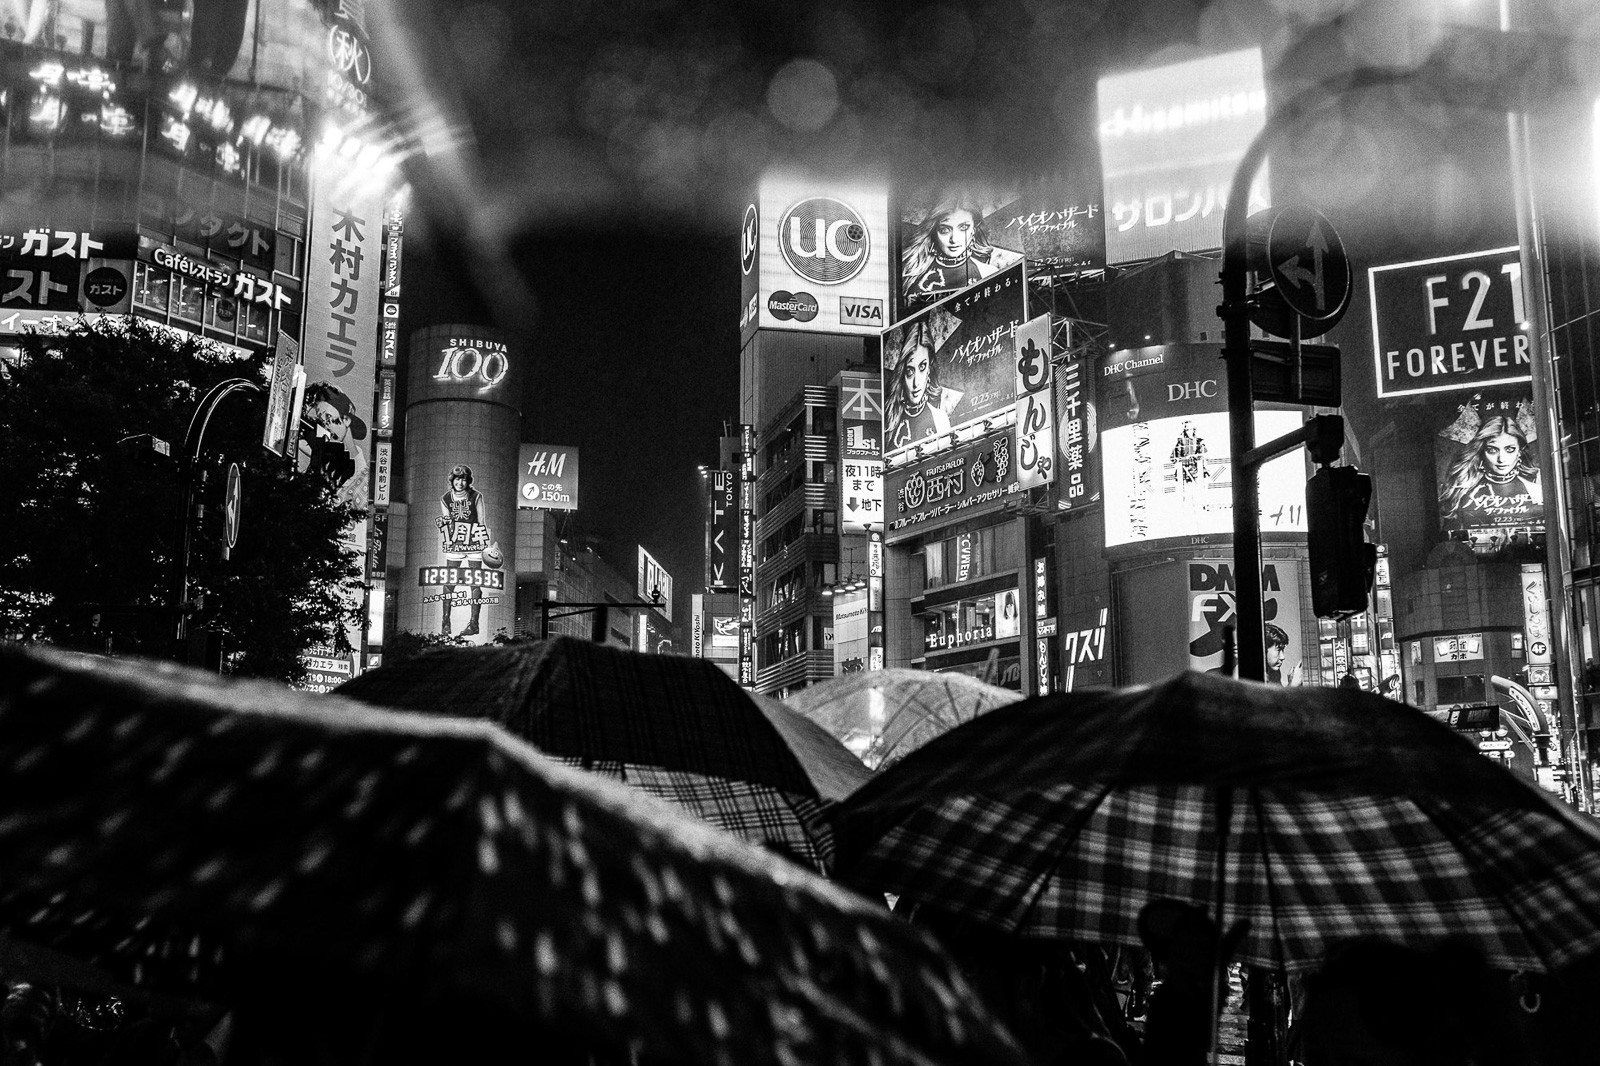 rainy mood with umbrellas at shibuya crossing tokyo